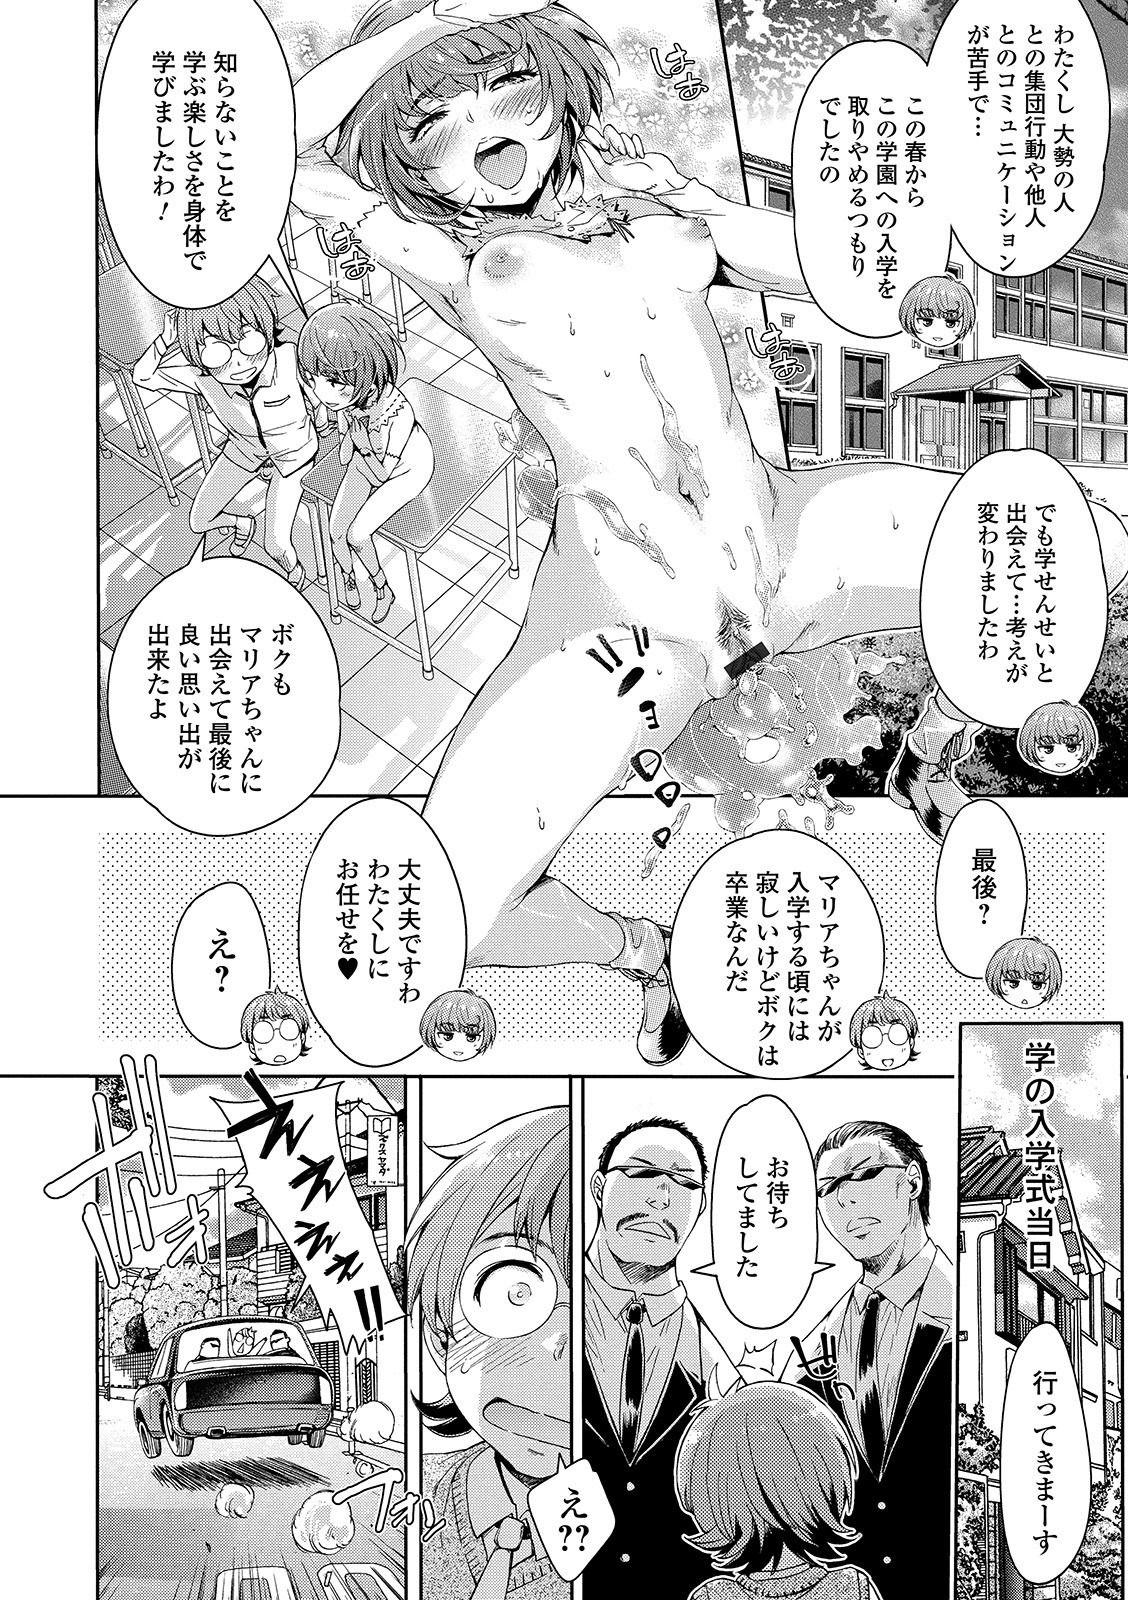 Mechax Shiyo 43